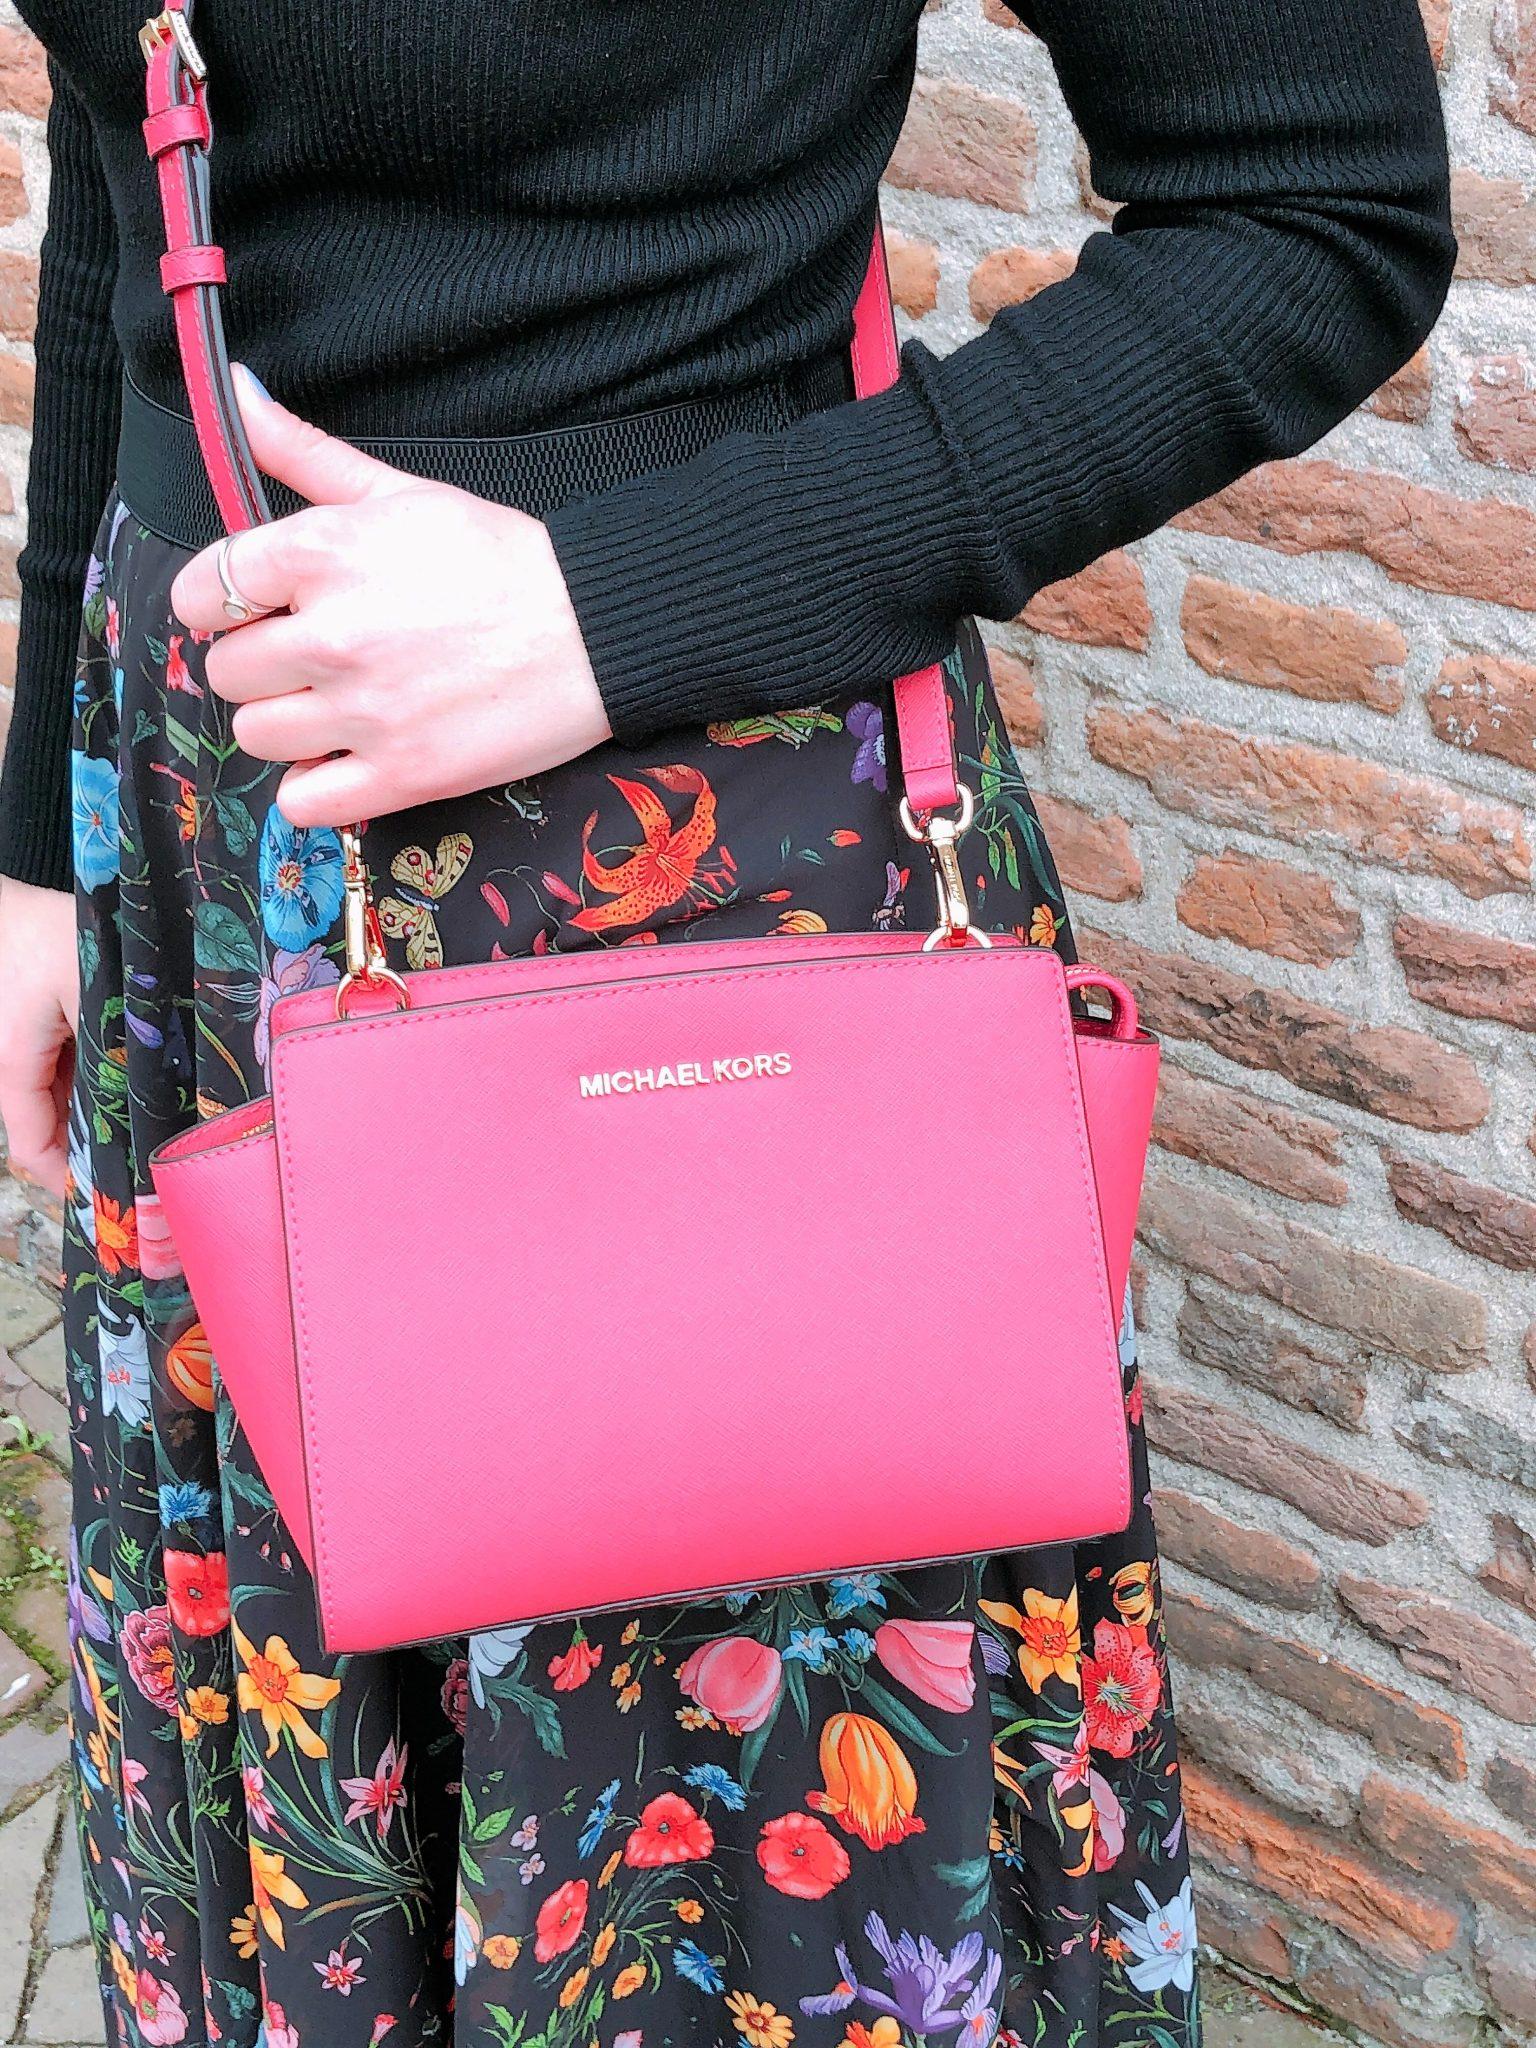 db52eacbd7a Mijn nieuwe designer tas + tip voor hoge korting! - Elise Joanne